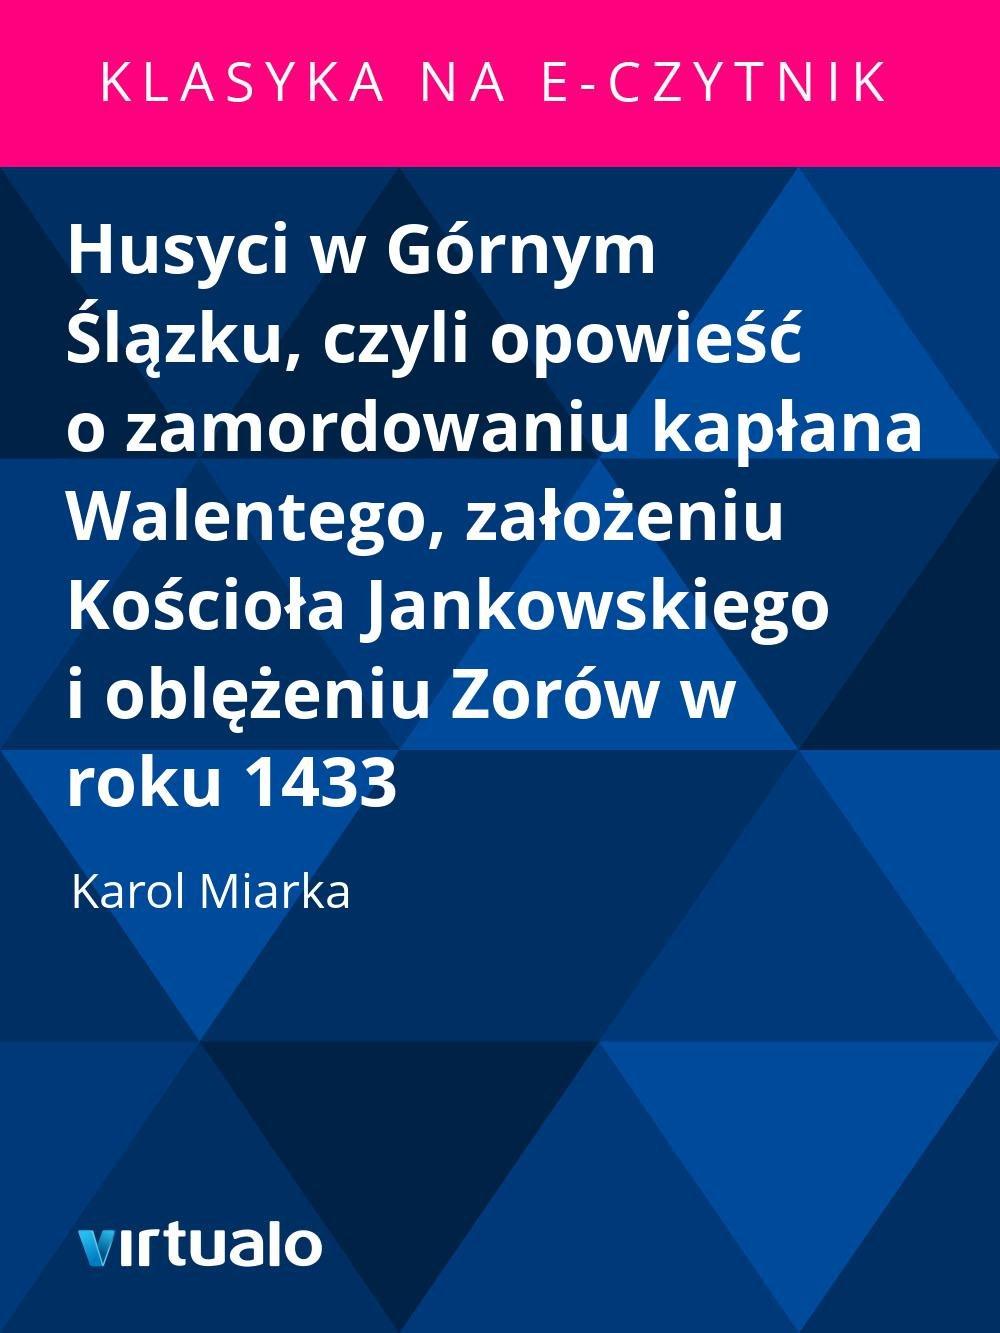 Husyci w Górnym Ślązku, czyli opowieść o zamordowaniu kapłana Walentego, założeniu Kościoła Jankowskiego i oblężeniu Zorów w roku 1433 - Ebook (Książka EPUB) do pobrania w formacie EPUB